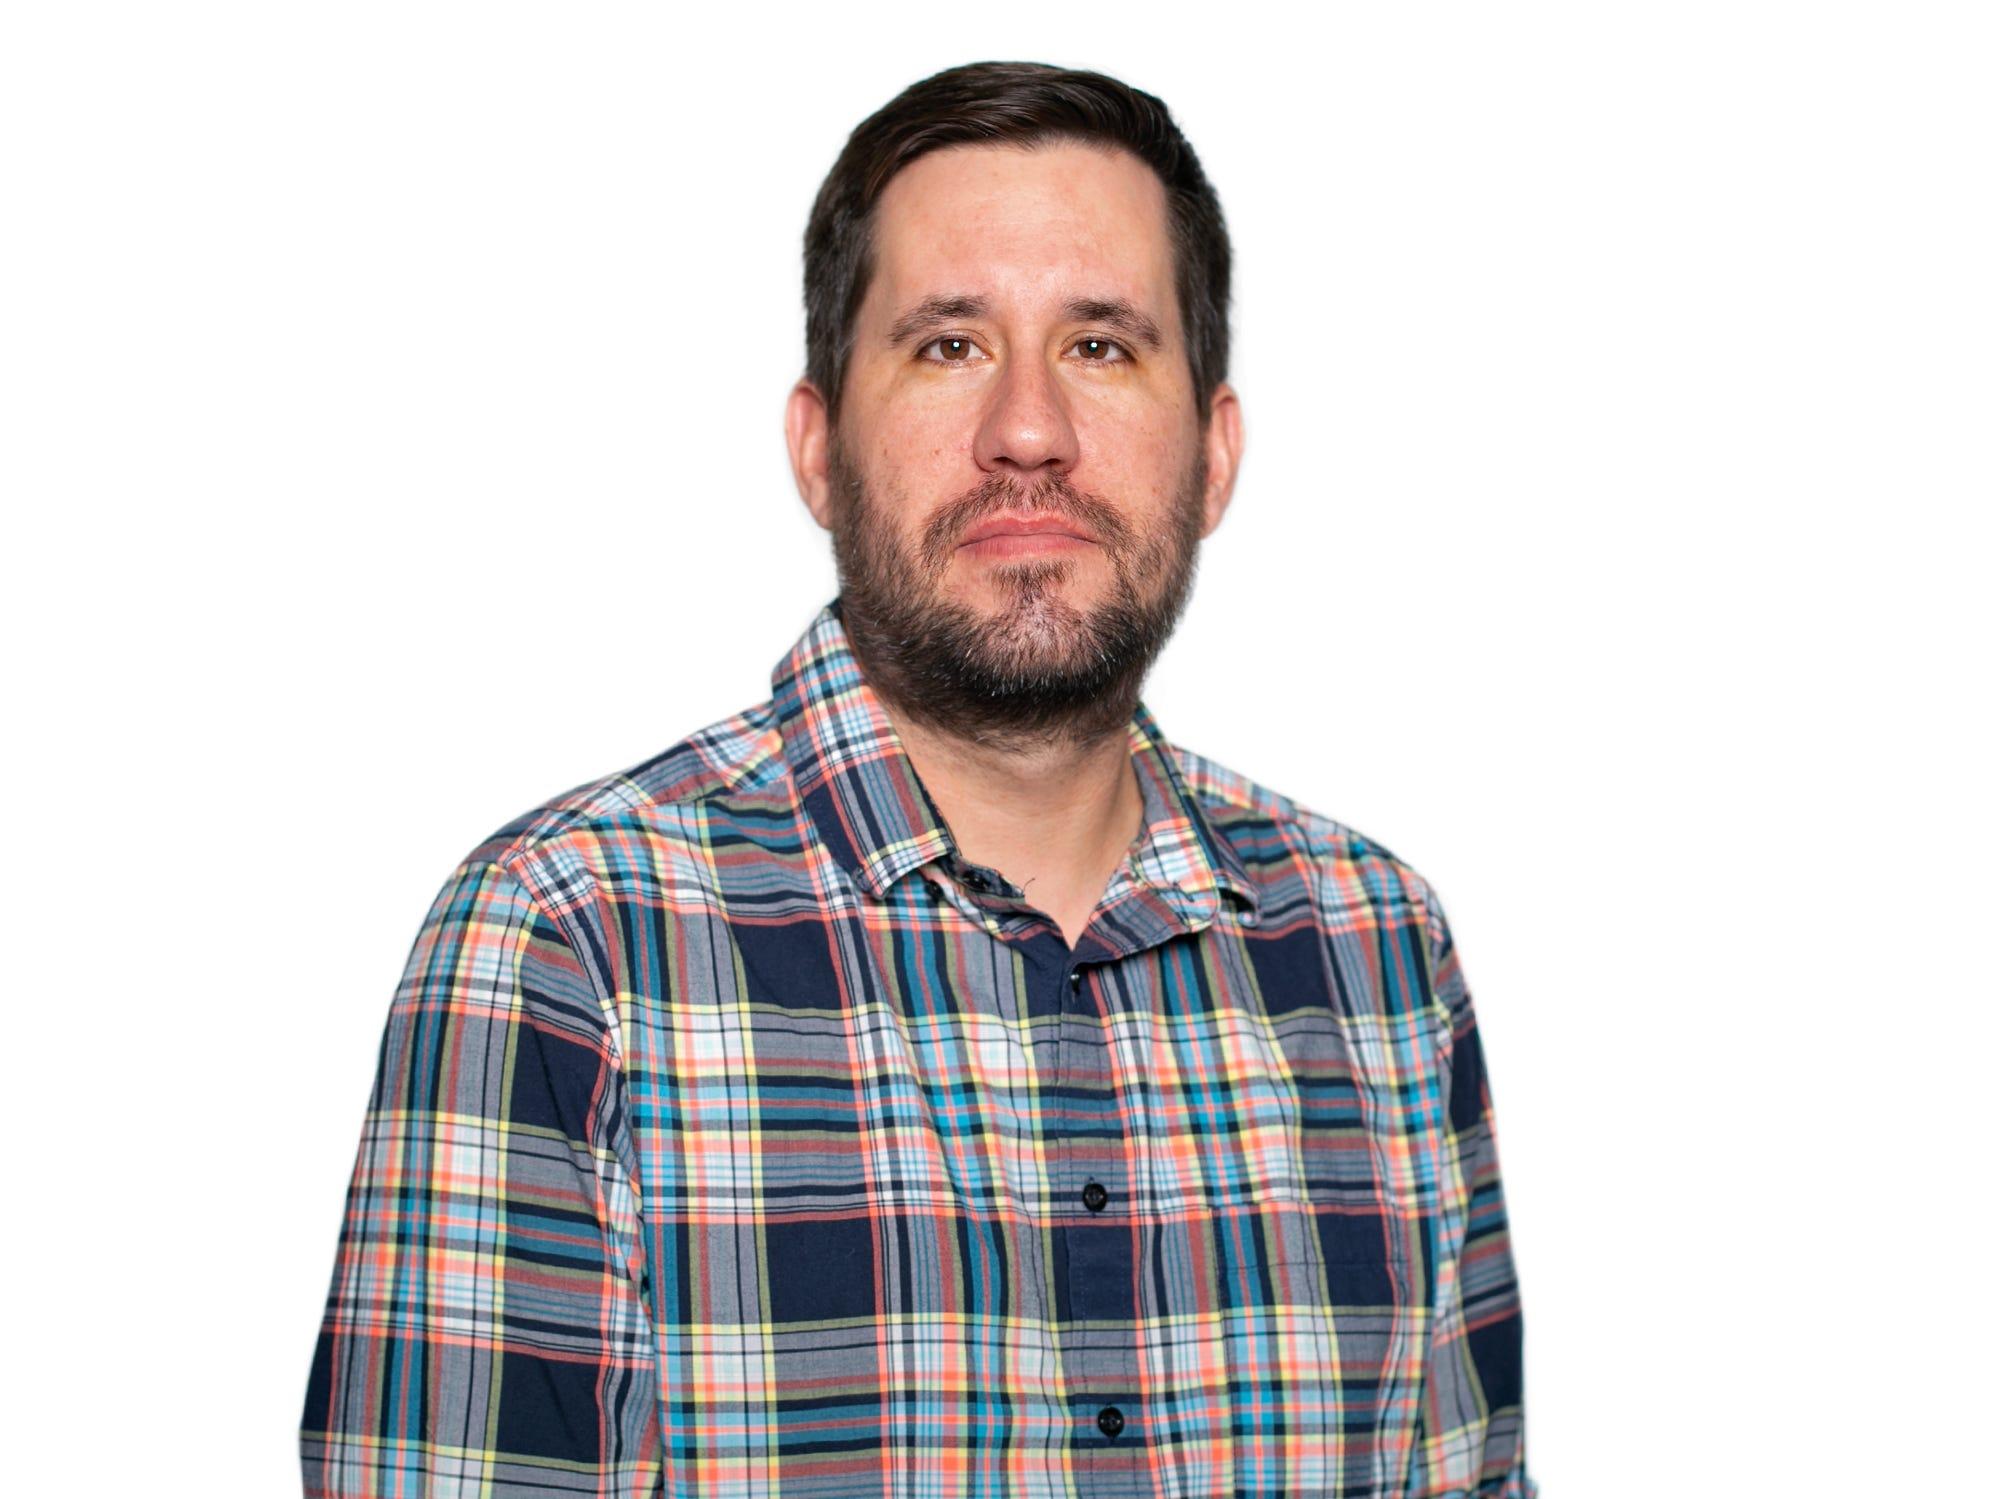 Brent Clouser